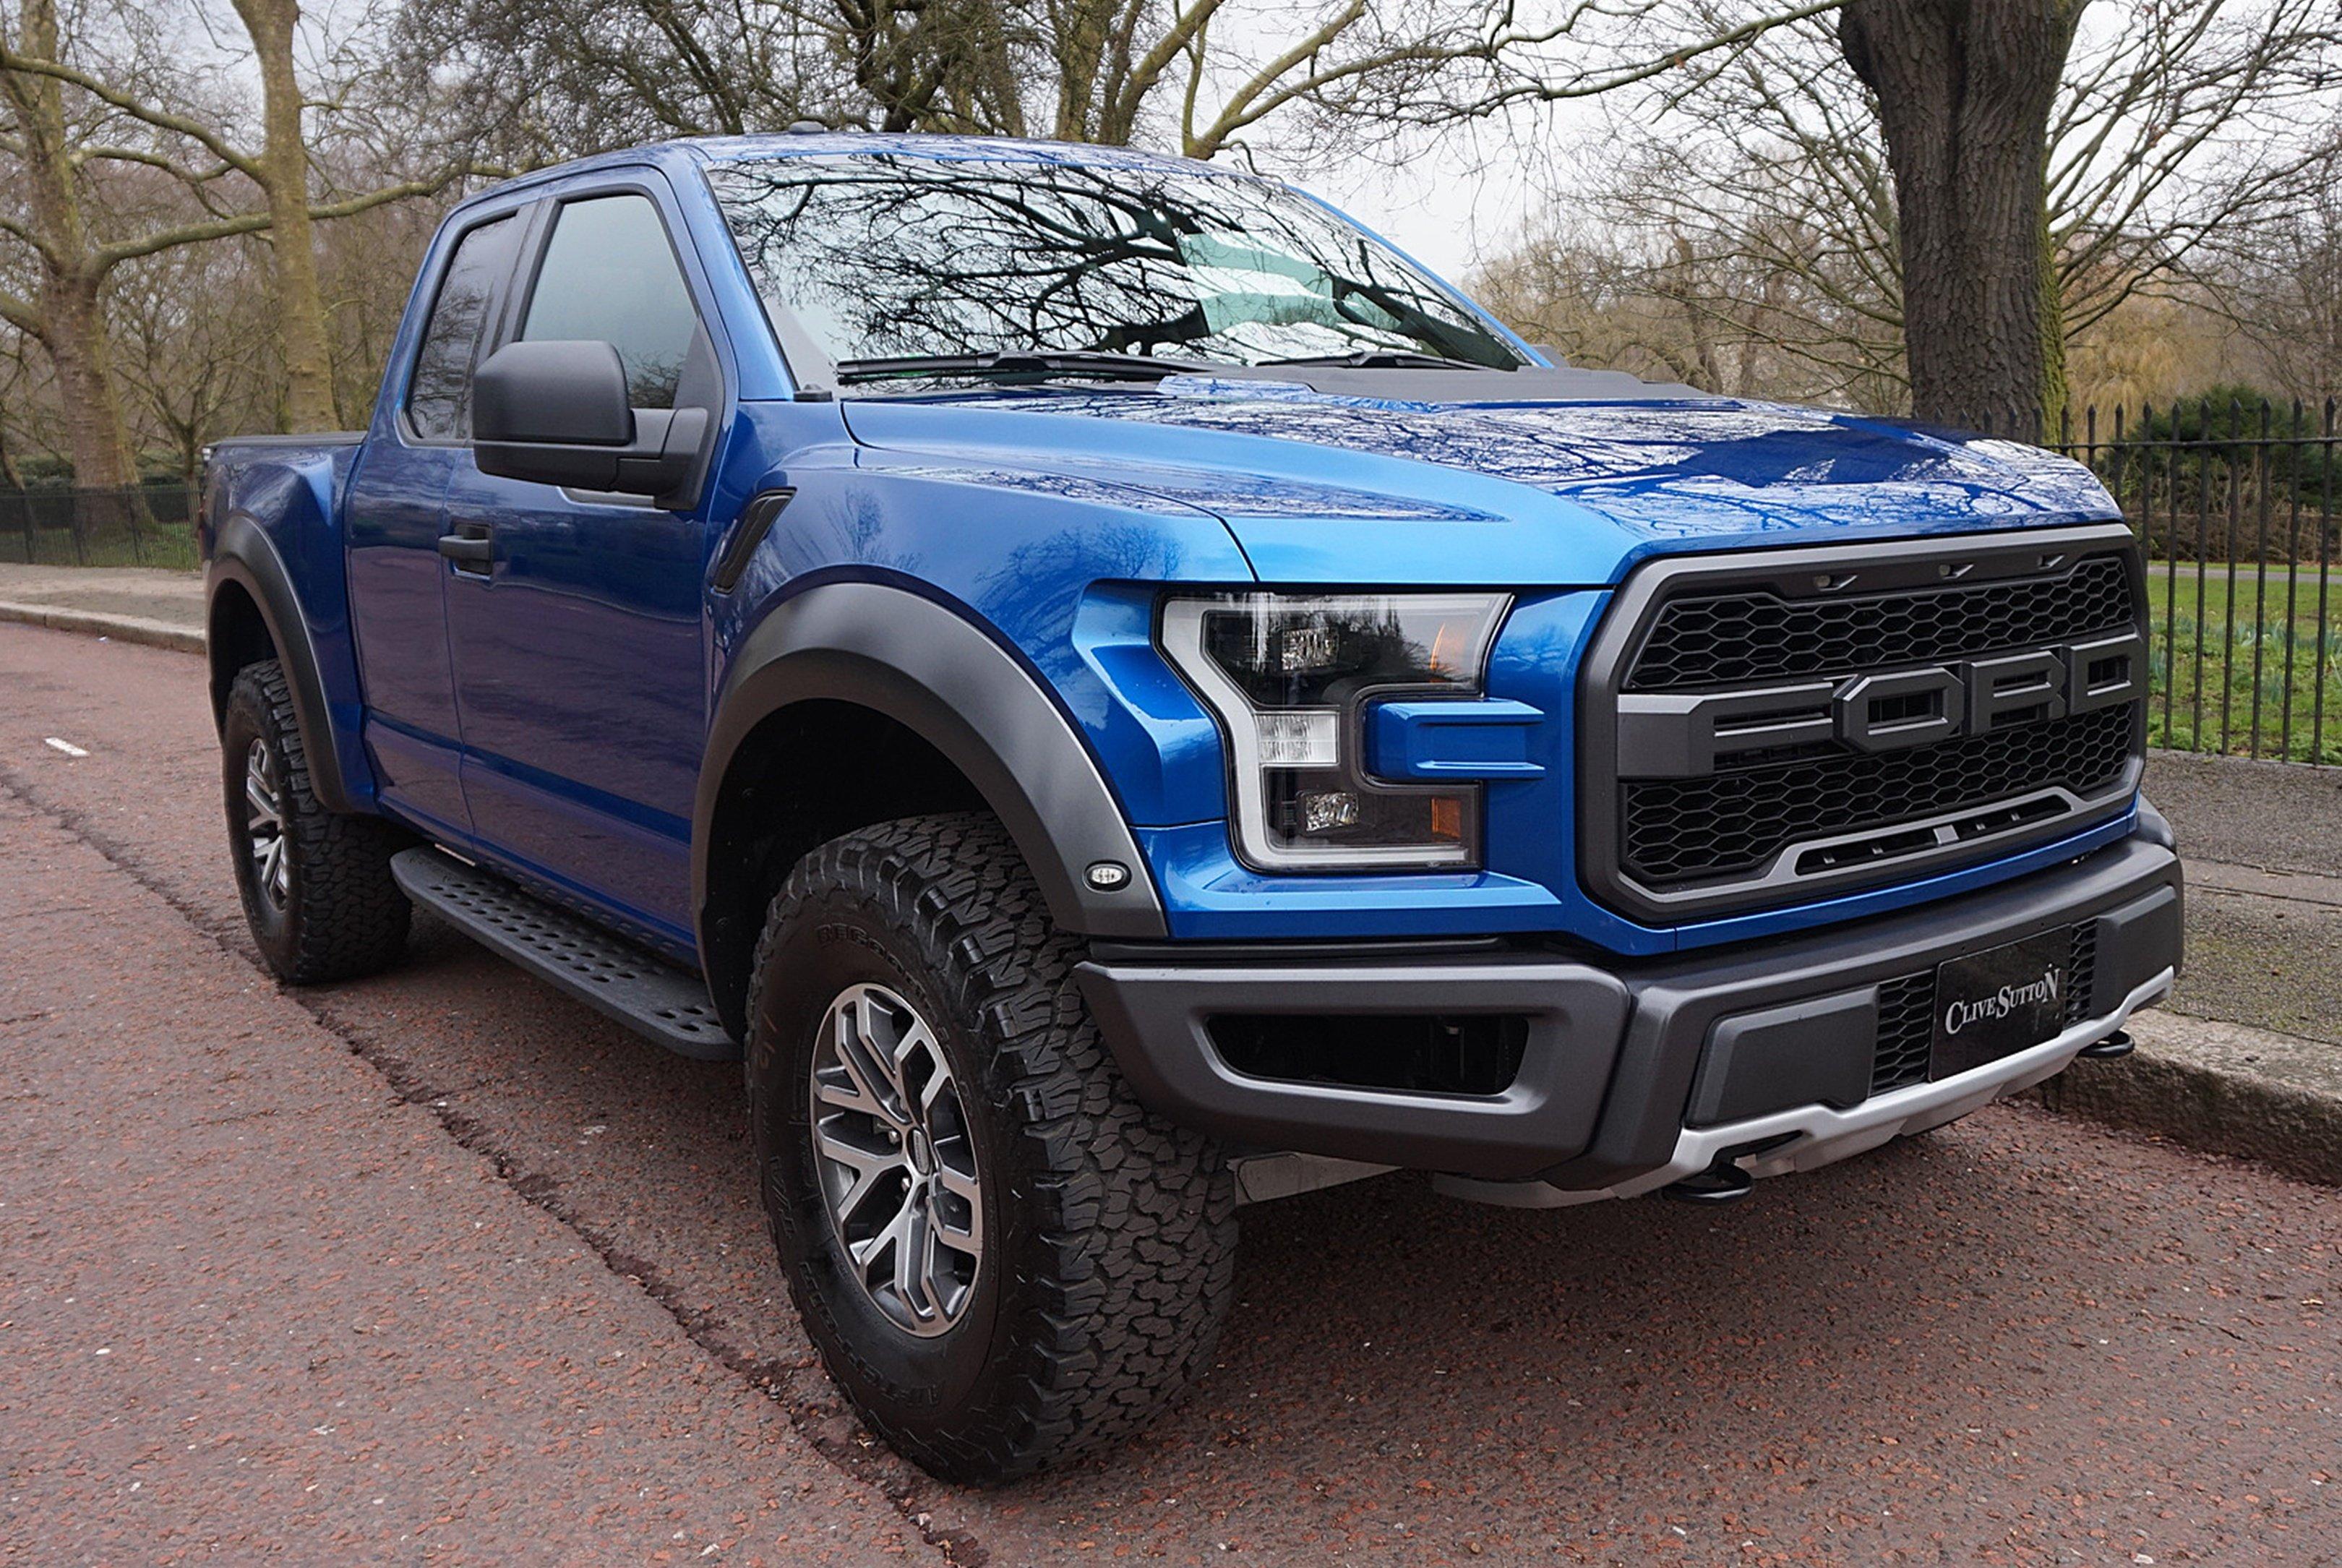 Ford Everest Uk Price >> Ford F-150 Raptor - UK gets RHD conversion option